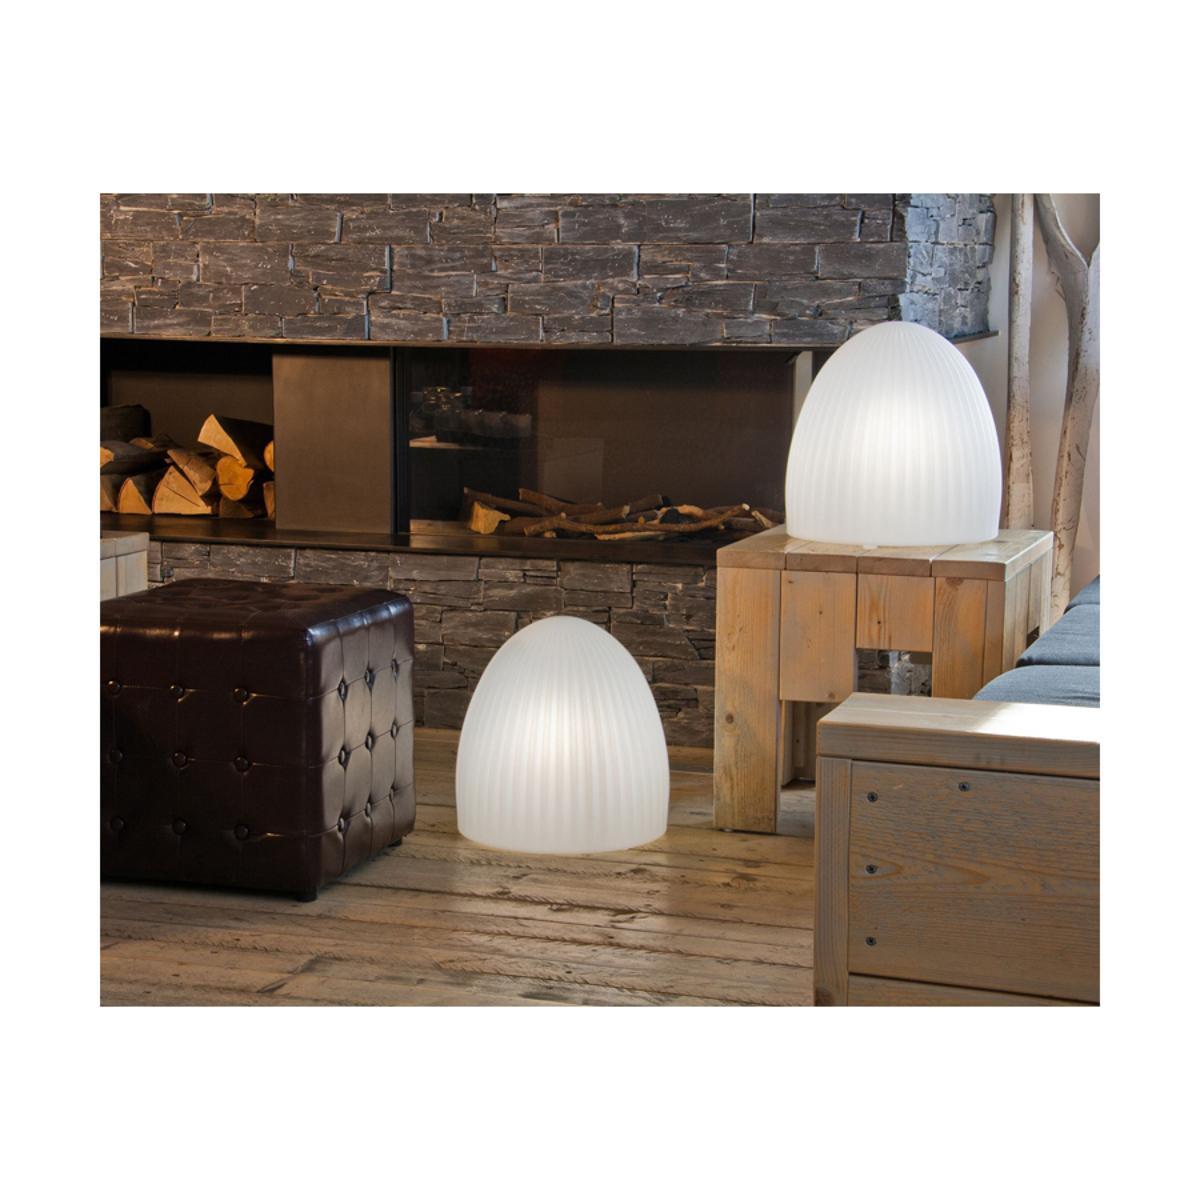 Außergewöhnliche Lampen Werten Jeden Raum Auf! #wohnzimmer #beleuchtung  #eyecatcher #außergewöhnlich ©